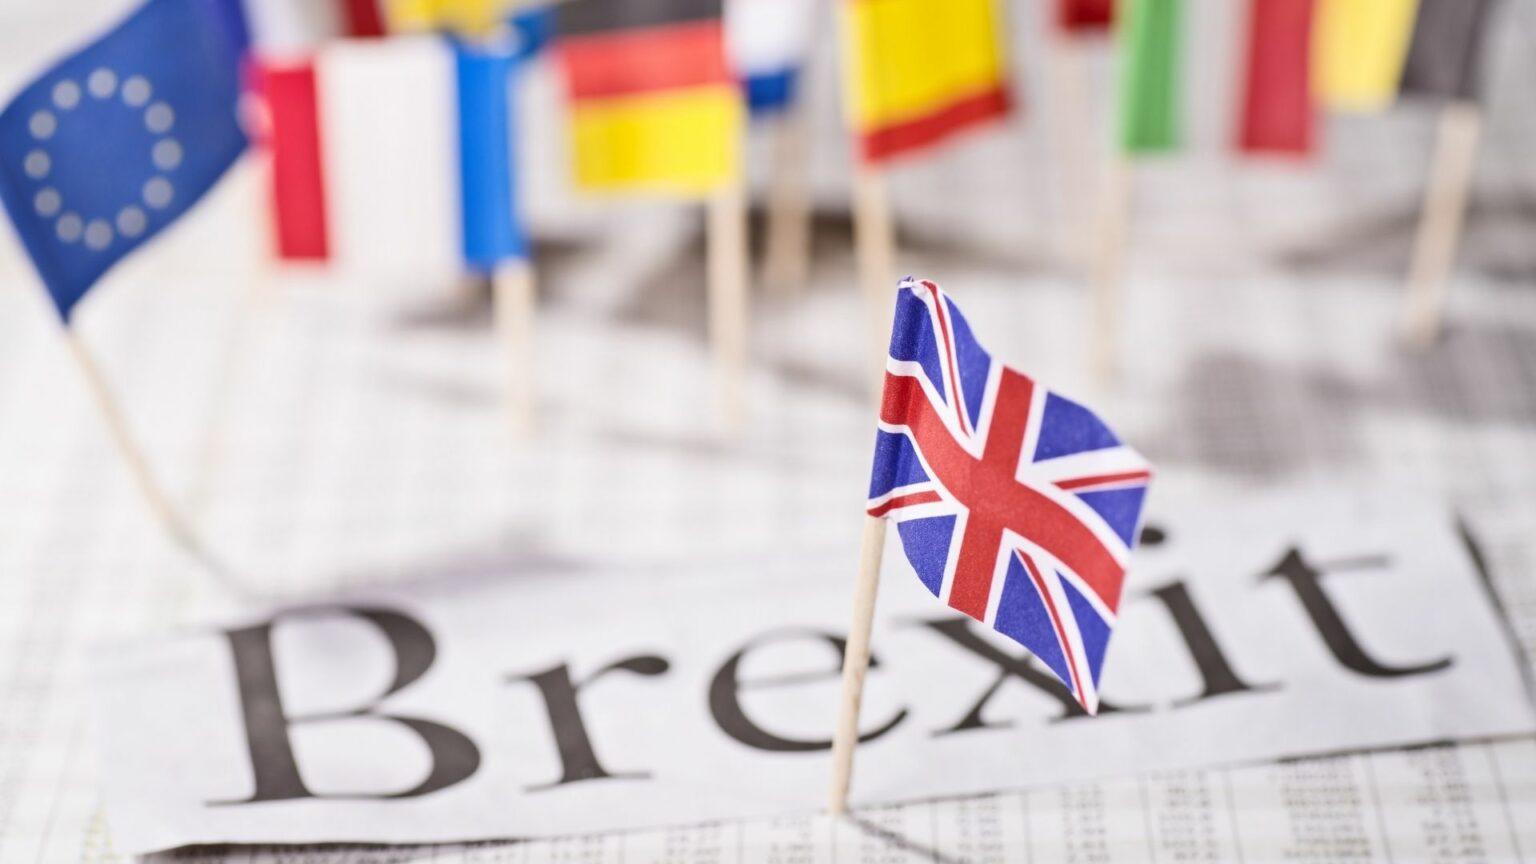 Le 1er octobre, les voyageurs européens devront présenter un passeport pour entrer au Royaume-Uni